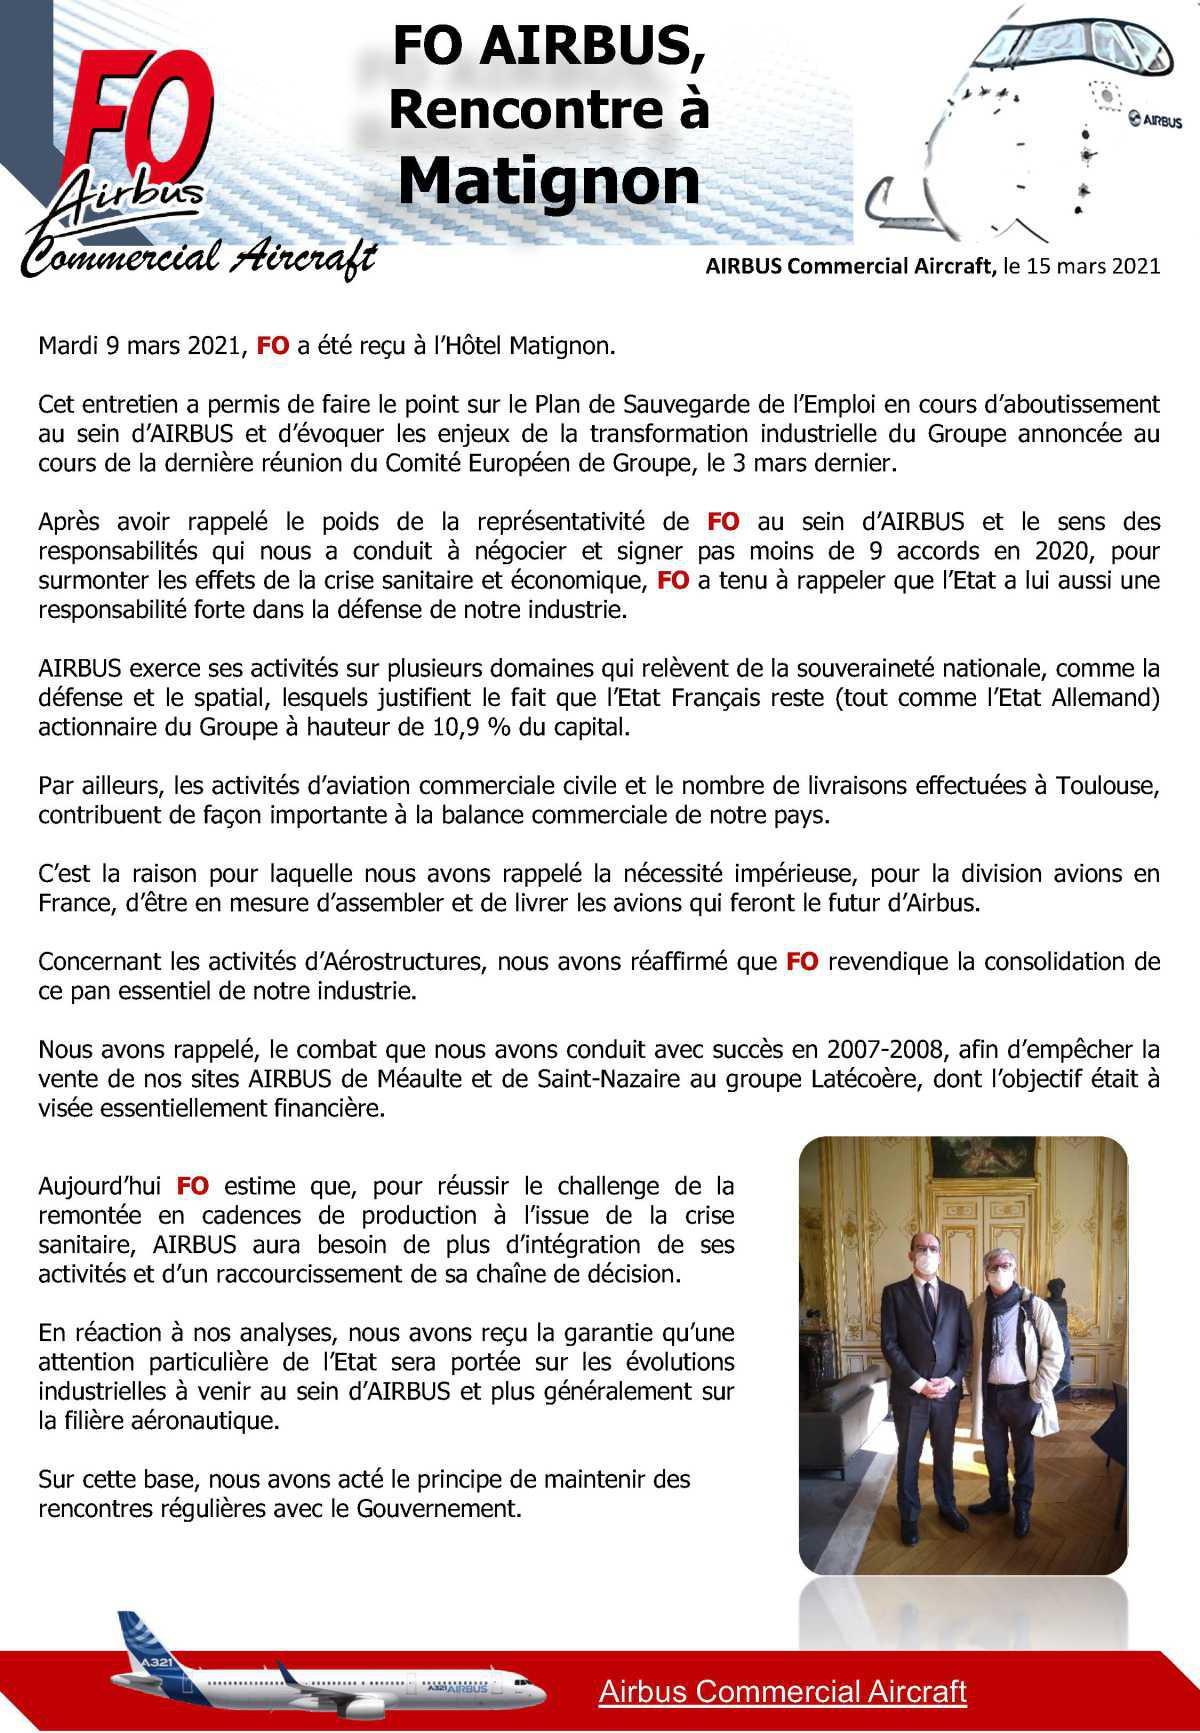 FO AIRBUS, Rencontre à Matignon